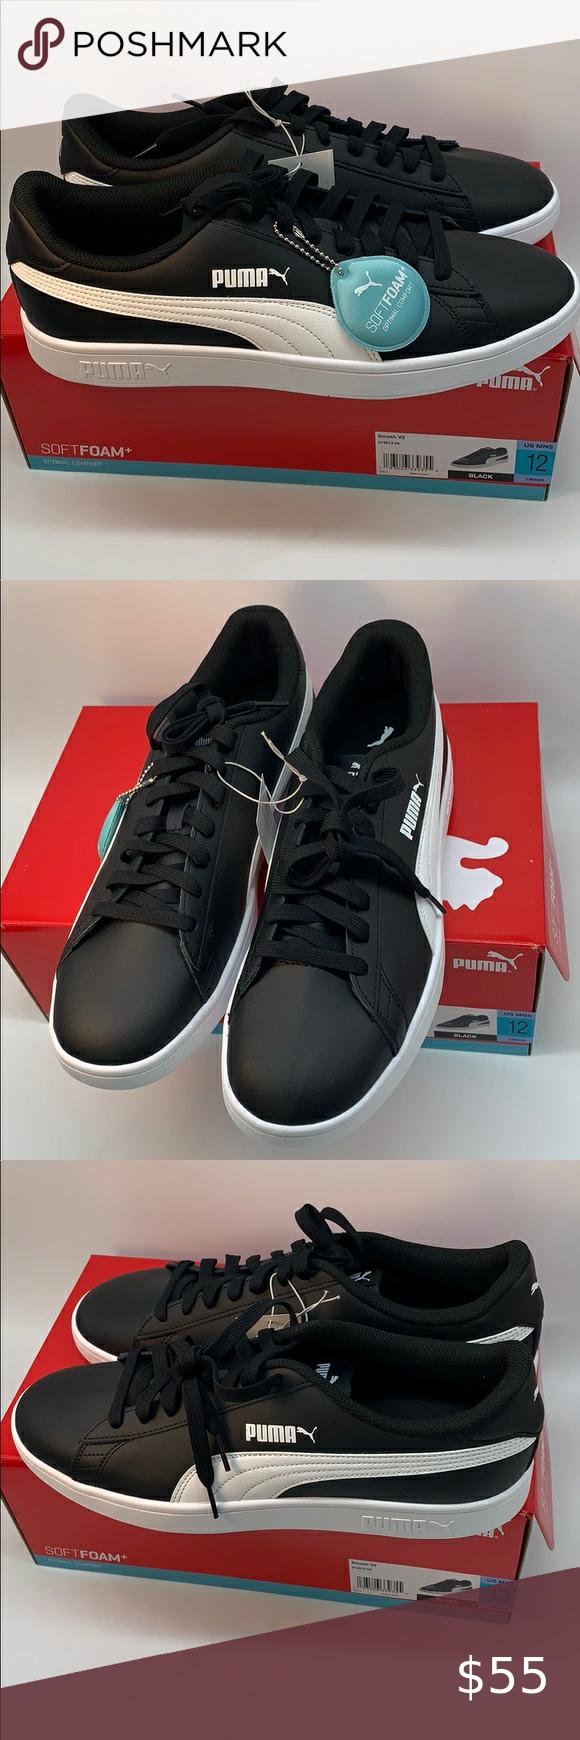 PUMA Menś Smash v2 Sneaker Size 12 in